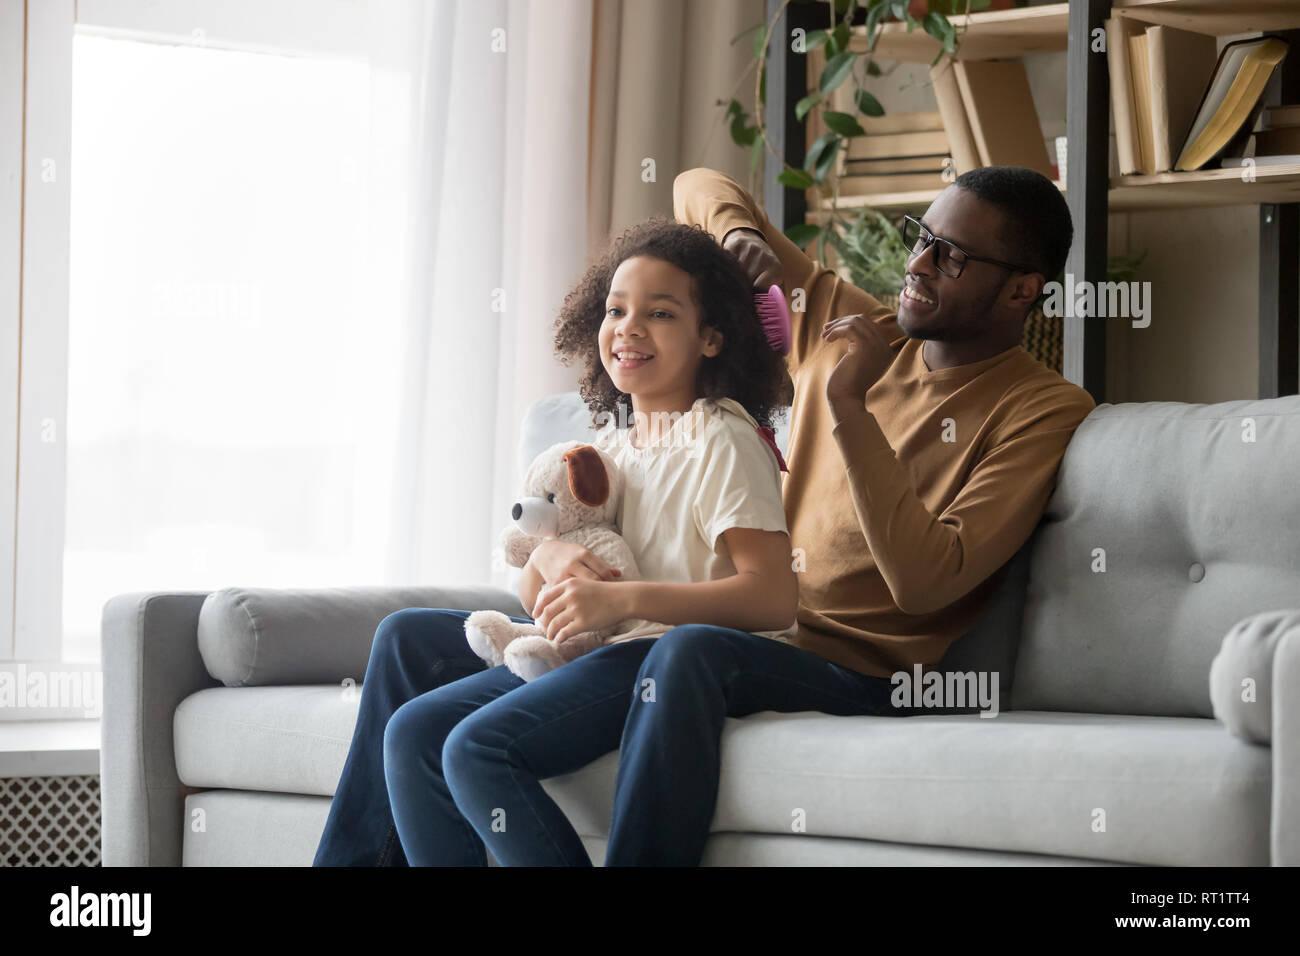 Papà africano facendo spazzolare i capelli della figlia seduti sul divano Foto Stock